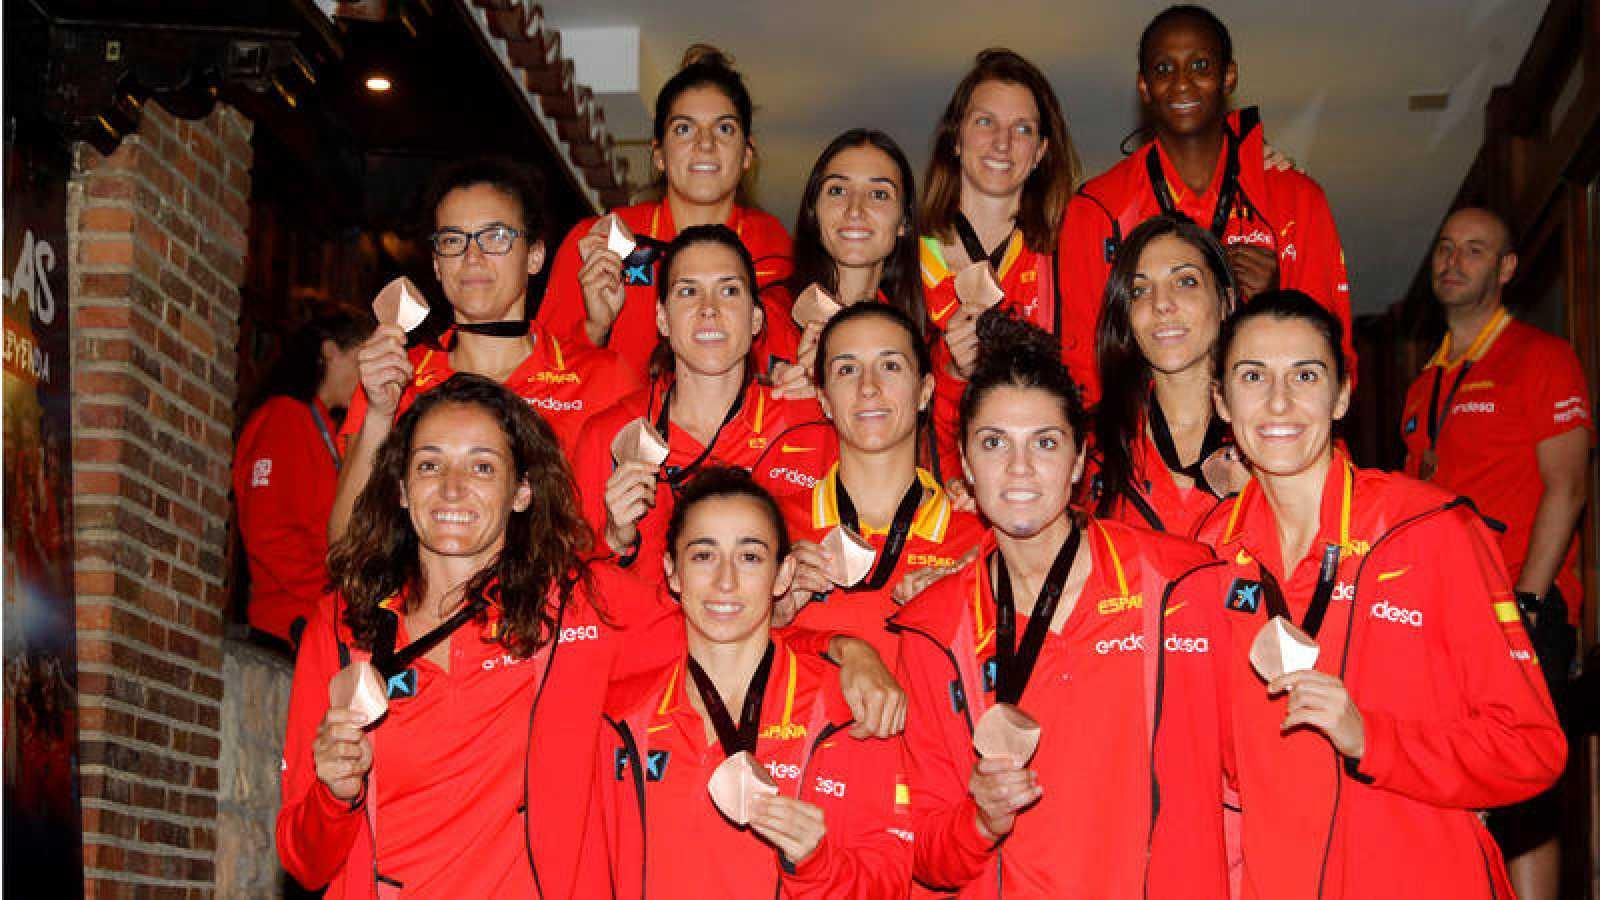 La selección de baloncesto femenina logró el bronce en el Mundial de Tenerife